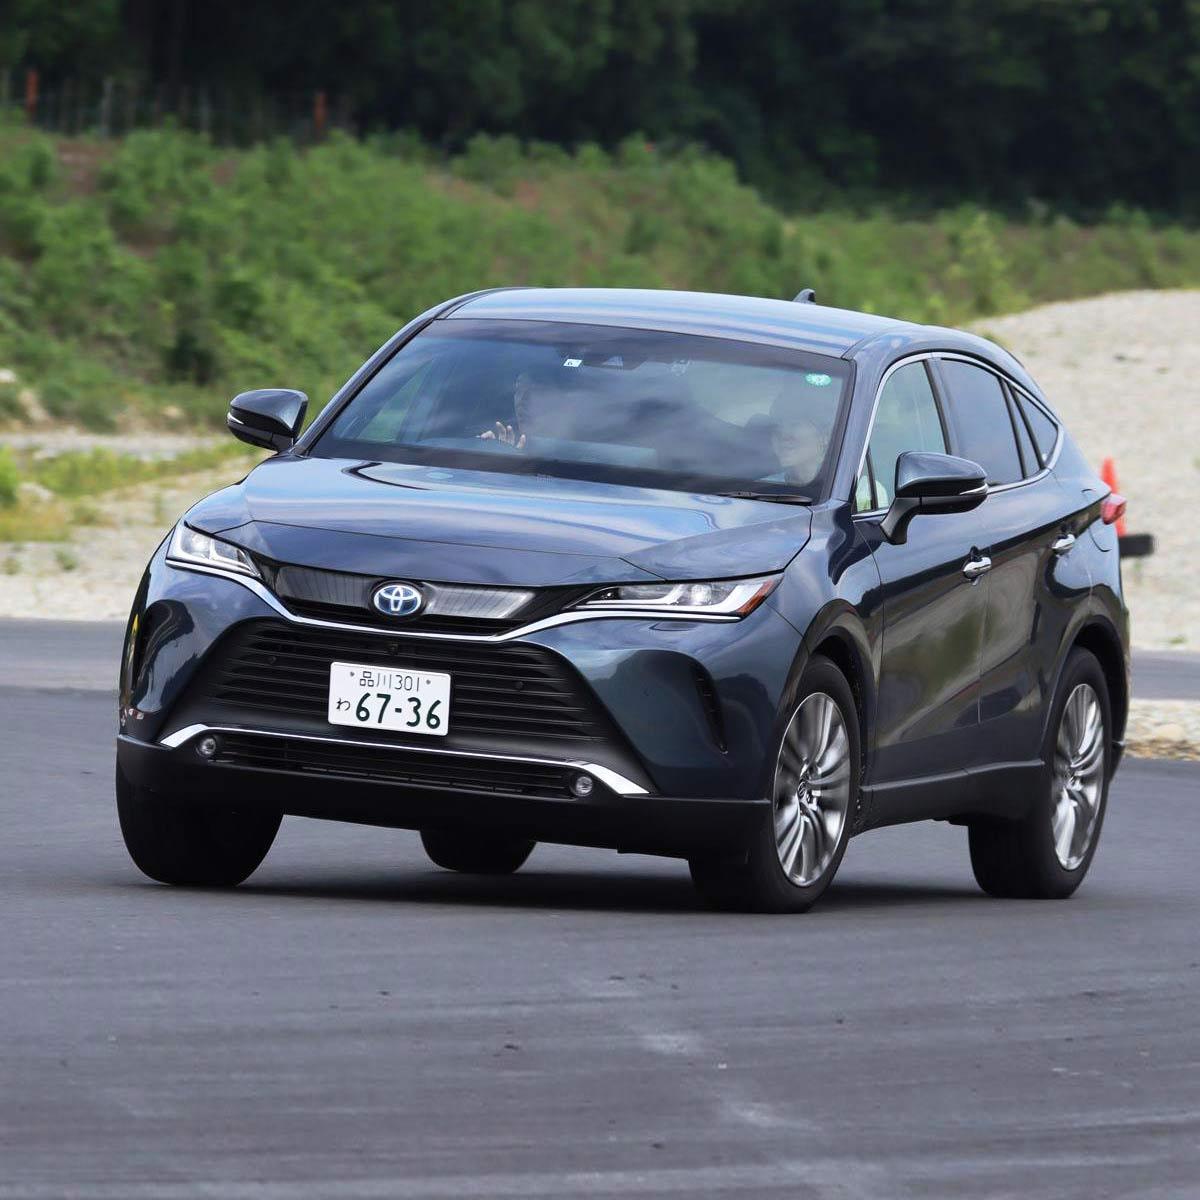 トヨタ 新型「ハリアー」をサーキットで試乗! ハイブリッド「E-Four」の加速が強烈すぎる!